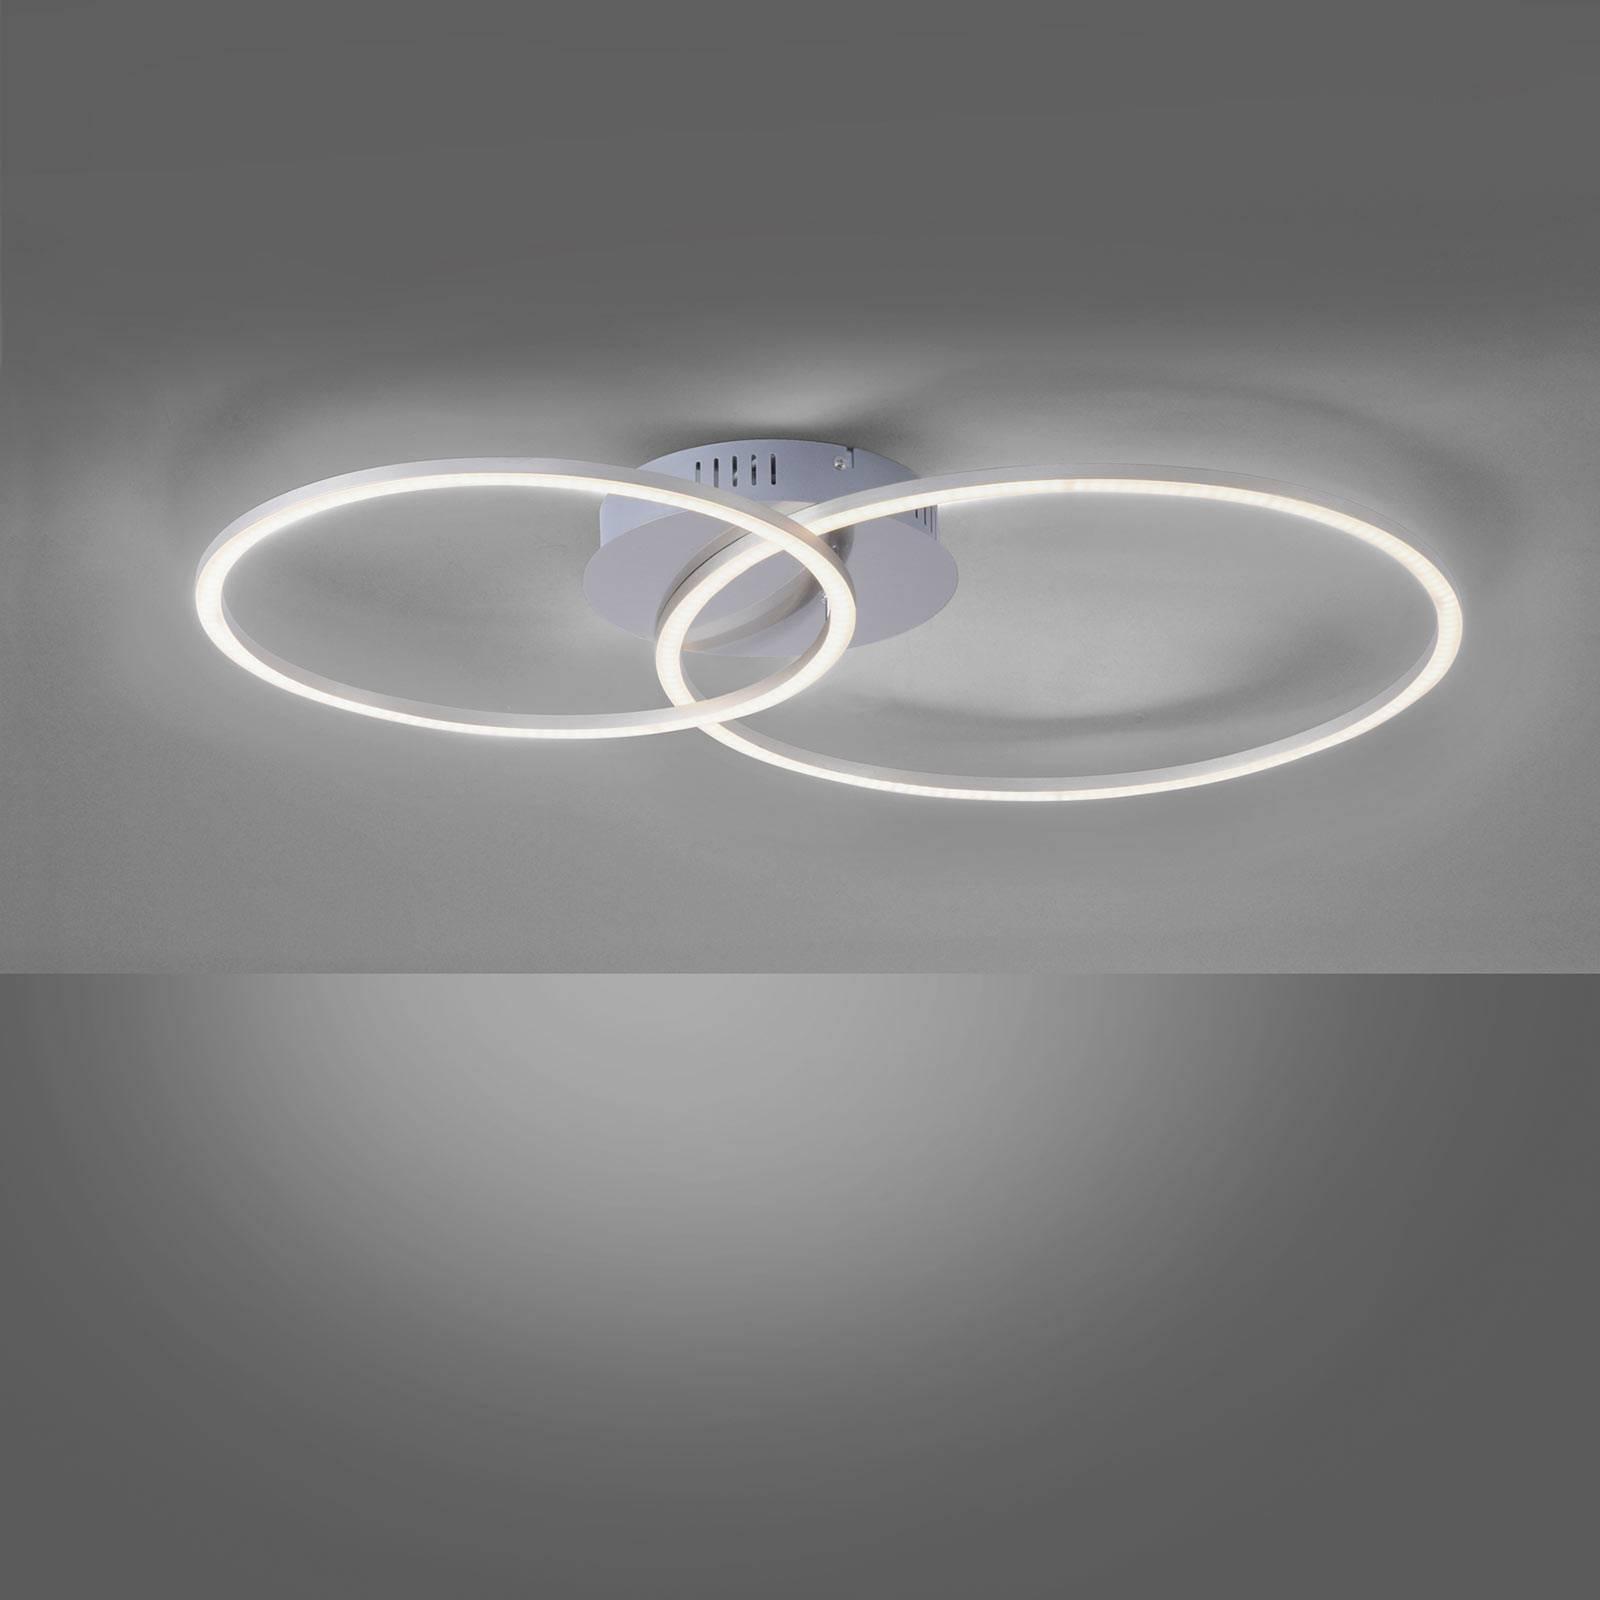 Lampa sufitowa LED Ivanka, dwa pierścienie, stal